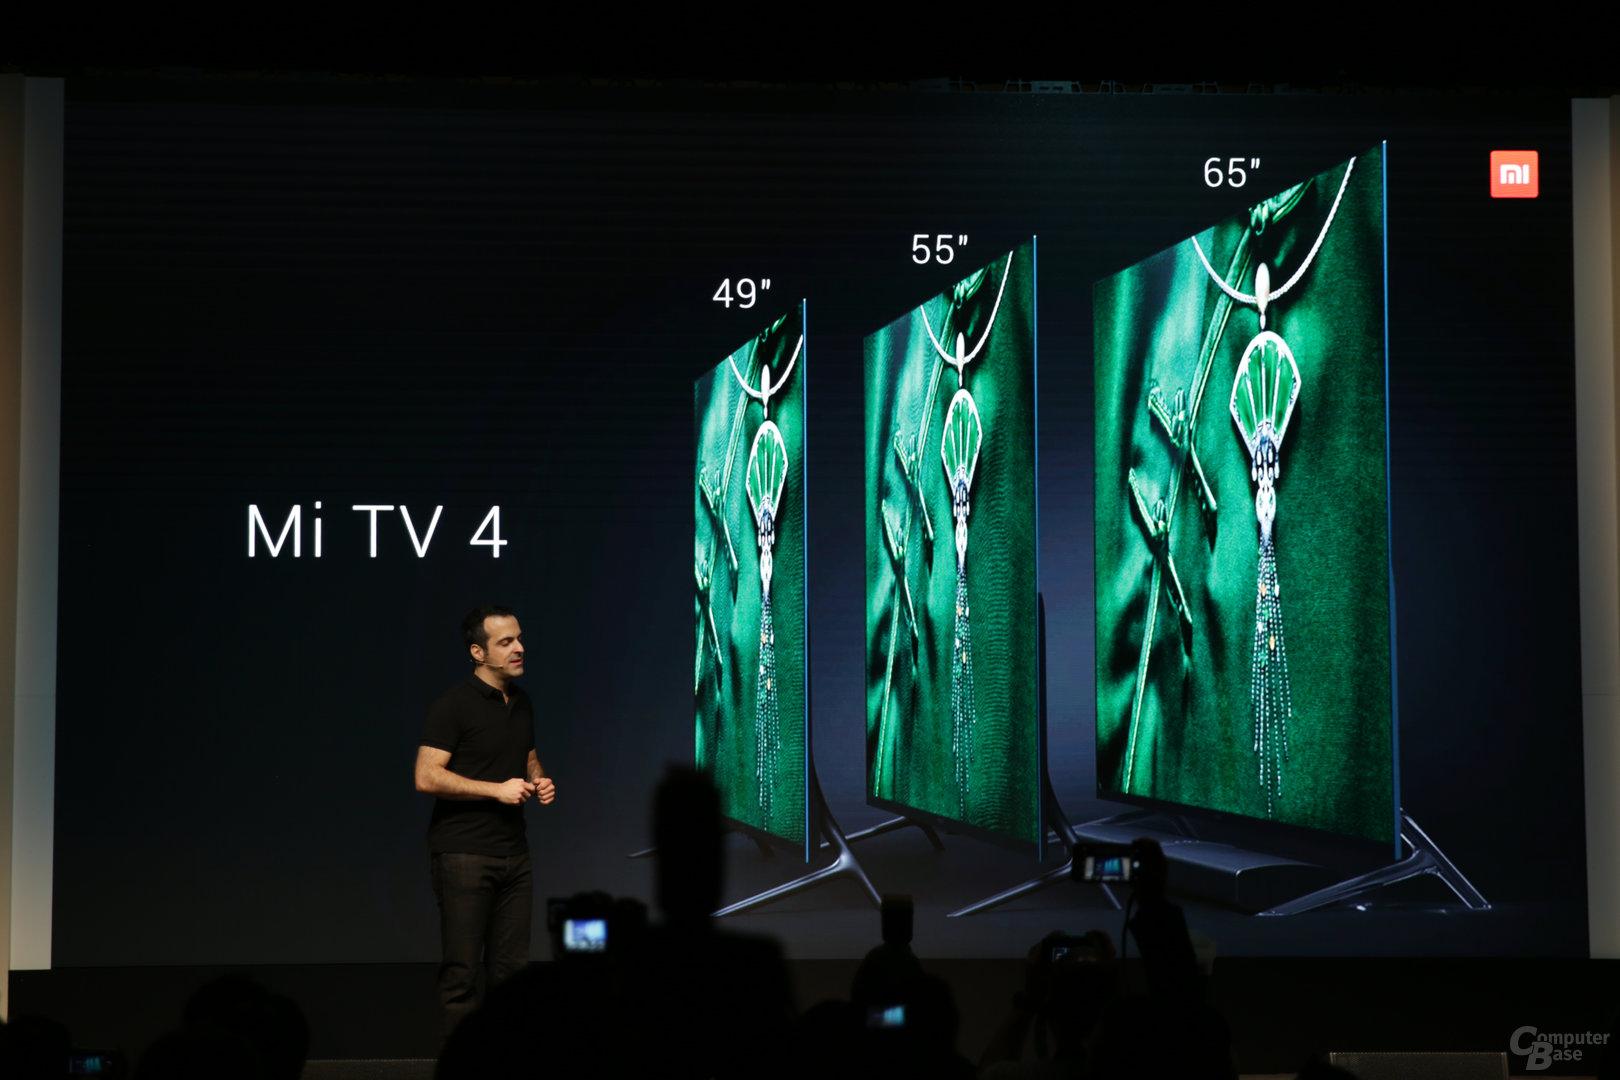 mi tv 4 neuer xiaomi fernseher ist unter 5 millimeter d nn computerbase. Black Bedroom Furniture Sets. Home Design Ideas